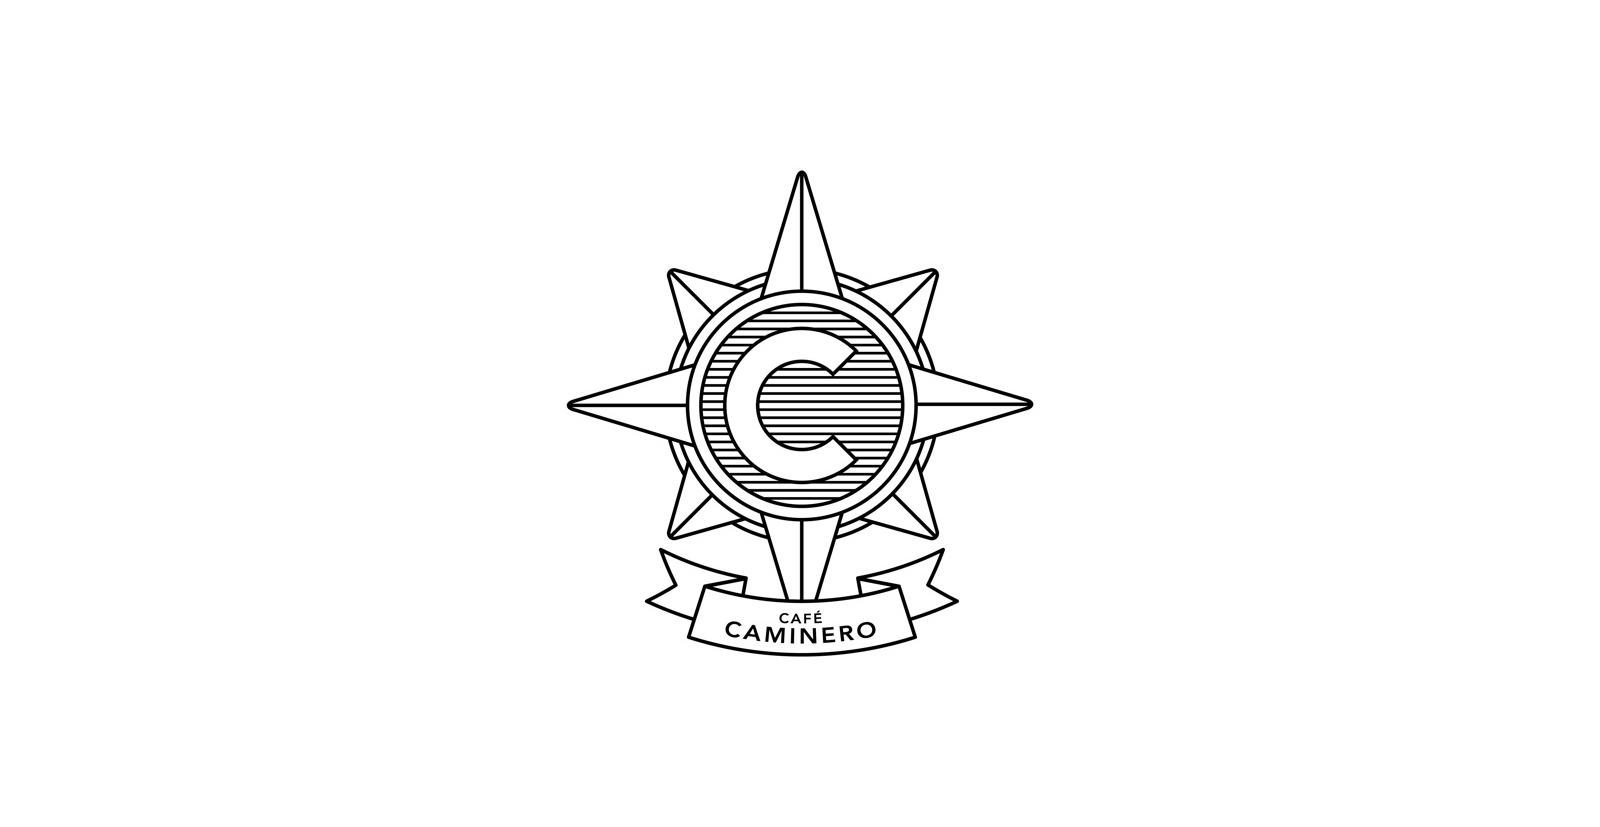 50_logos-02